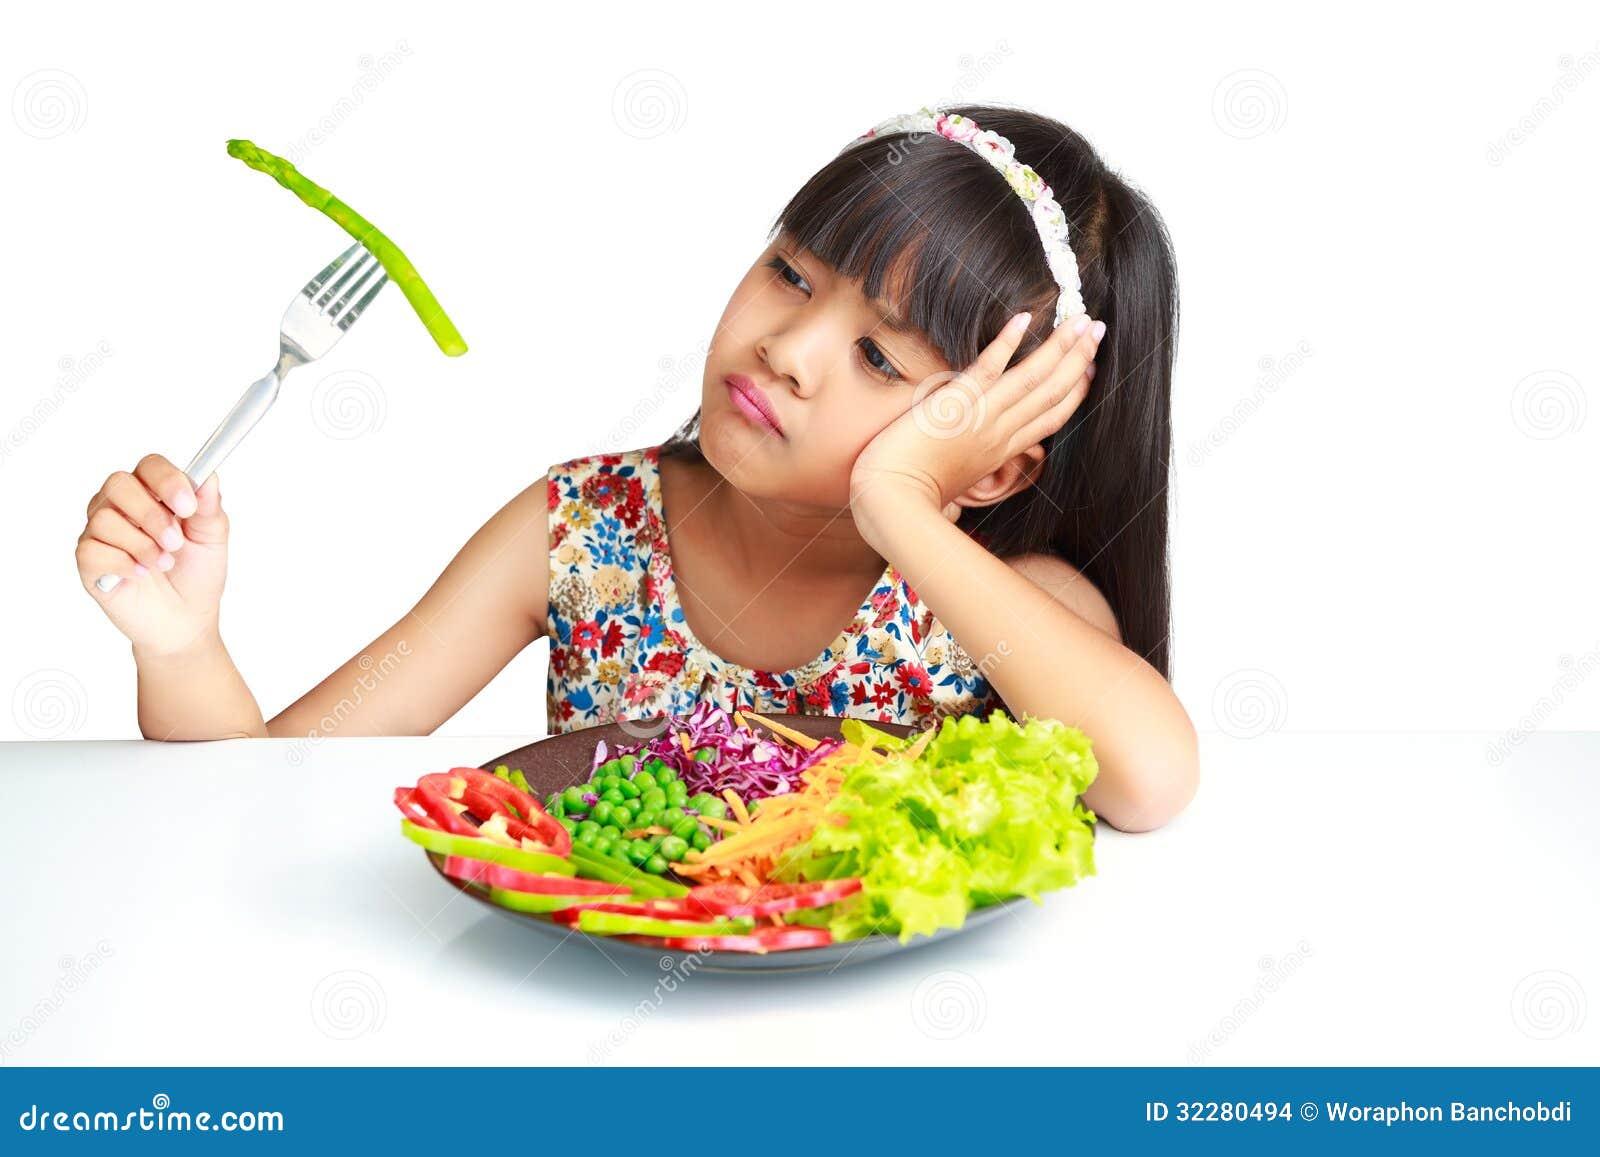 Weinig Aziatisch meisje met uitdrukking van afschuw tegen broccoli